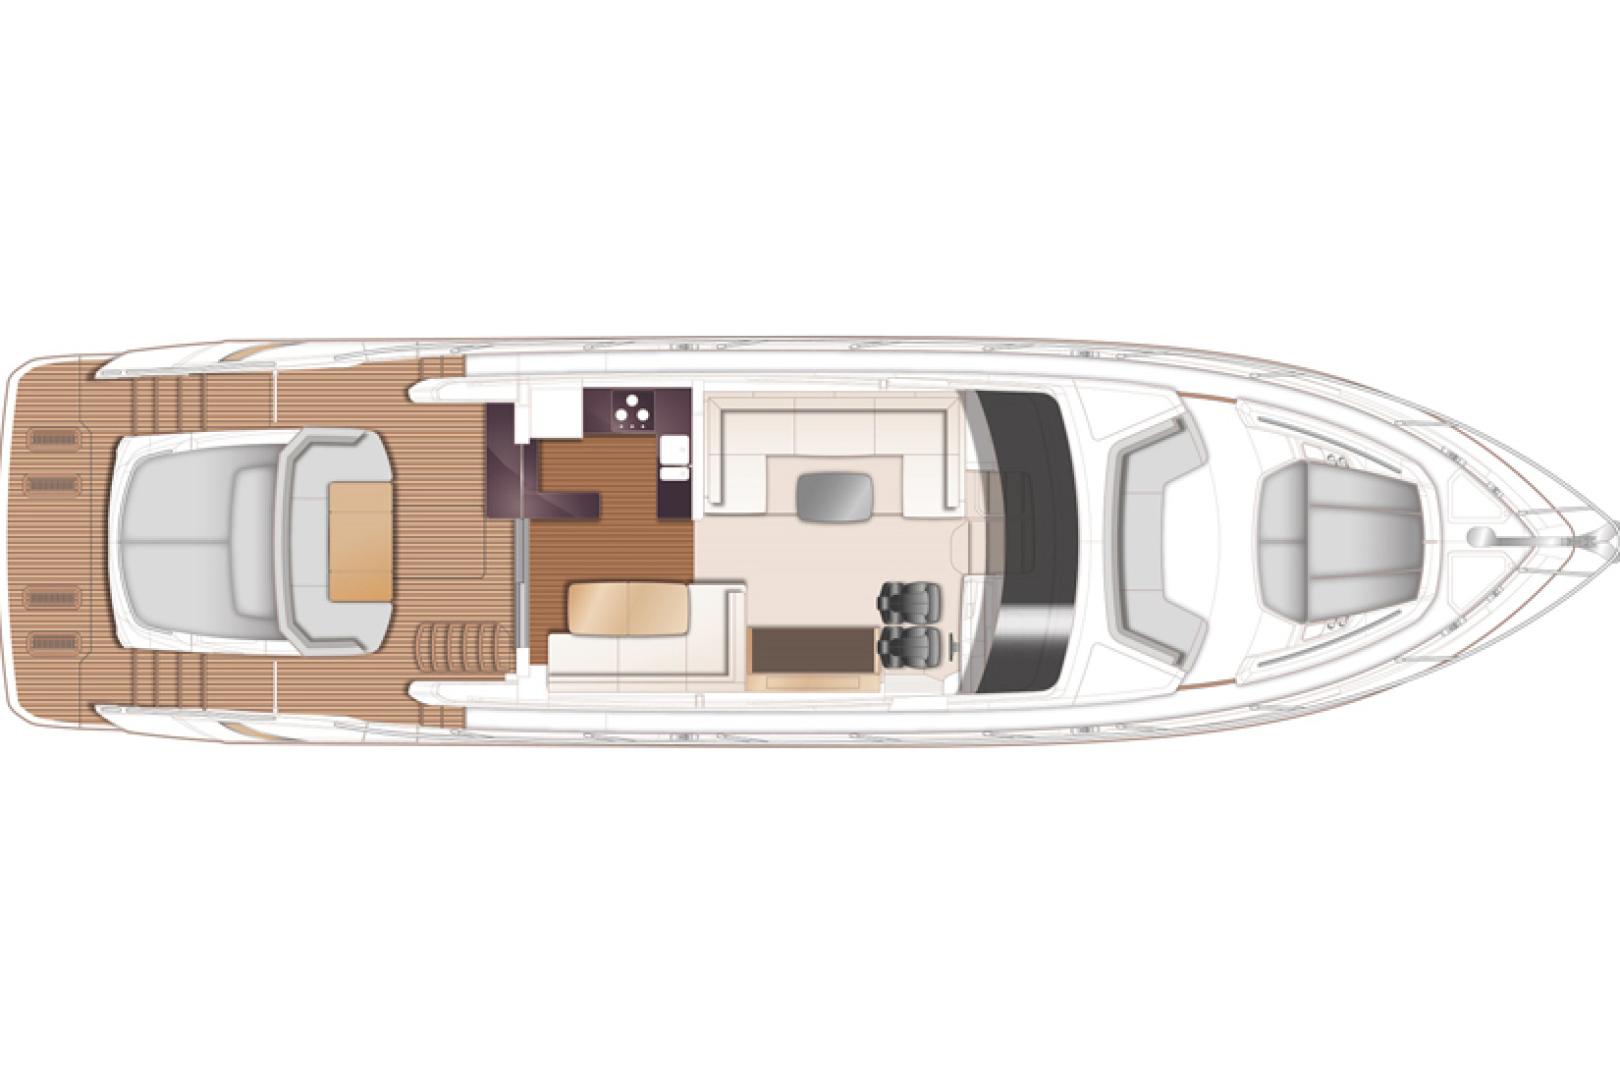 Princess-S65 2019-Paragon Cape Coral-Florida-United States-2019 65 Princess S65-Paragon-Main Deck Layout-1503977 | Thumbnail